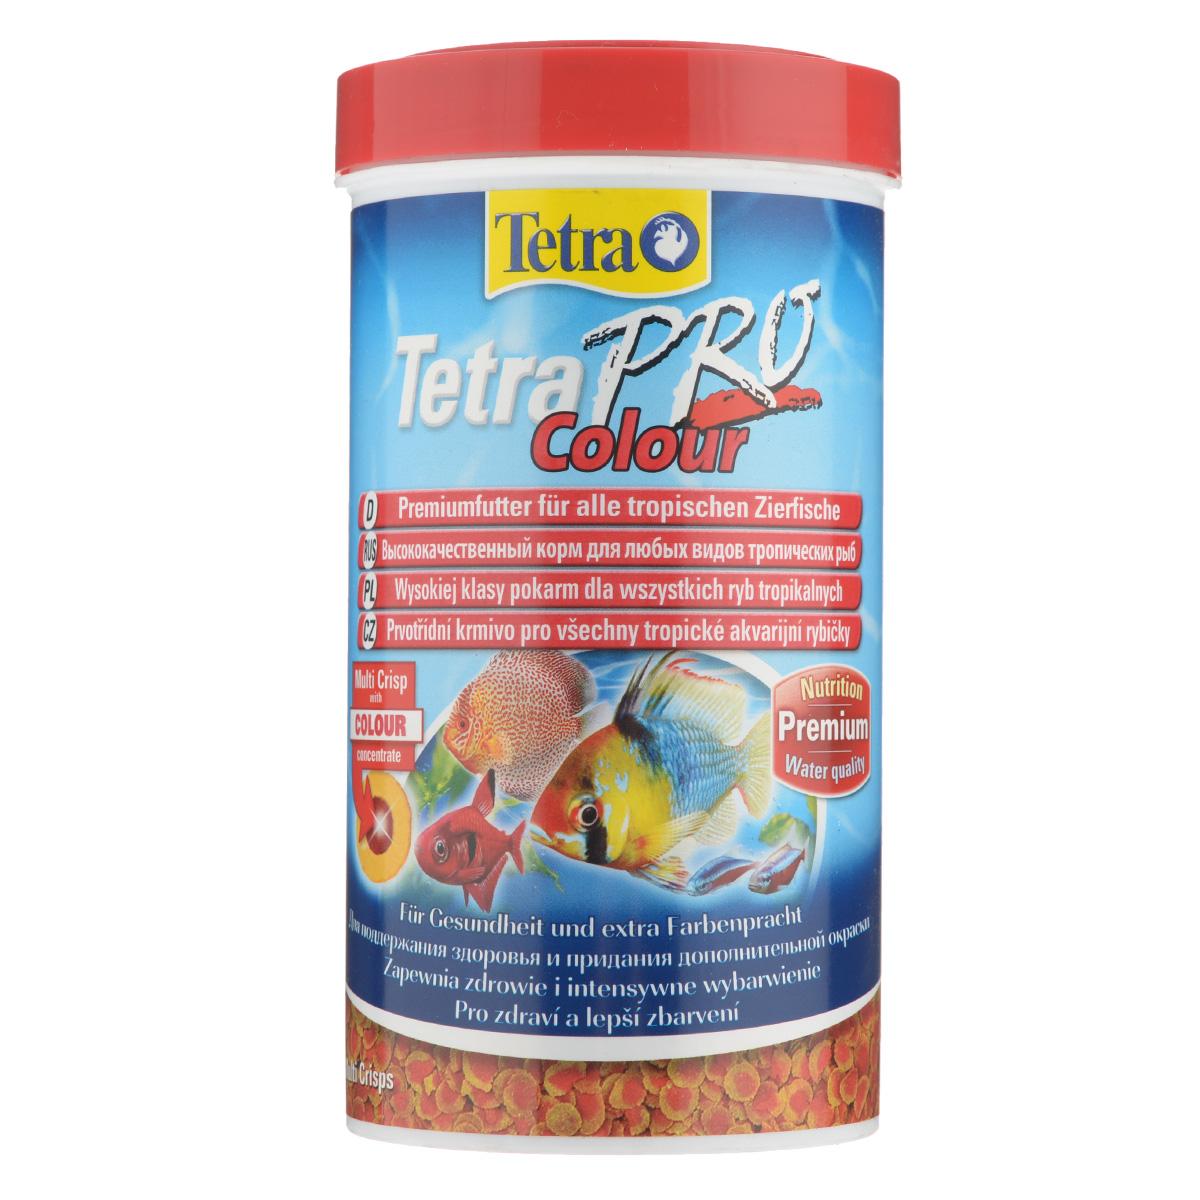 Корм сухой Tetra TetraPro. Colour для всех видов тропических рыб, чипсы, 500 мл (110 г)204454Полноценный высококачественный корм Tetra TetraPro. Colour для всех видов тропических рыб разработан для поддержания здоровья и придания дополнительной энергии. Особенности Tetra TetraPro. Colour: - щадящая низкотемпературная технология изготовления для высокой питательной ценности и стабильности витаминов; - цветовой концентрат для превосходной природной окраски; - инновационная форма чипсов для минимального загрязнения воды отходами; - идеально подходит для любых видов разноцветных рыб; - легкое кормление. Рекомендации по кормлению: кормить несколько раз в день маленькими порциями. Состав: рыба и побочные рыбные продукты, зерновые культуры, экстракты растительного белка, дрожжи, моллюски и раки, масла и жиры, водоросли. Аналитические компоненты: сырой белок - 46%, сырые масла и жиры - 12%, сырая клетчатка - 3%, влага - 9%. Добавки: витамины, провитамины и химические вещества с аналогичным воздействием, витамин А...